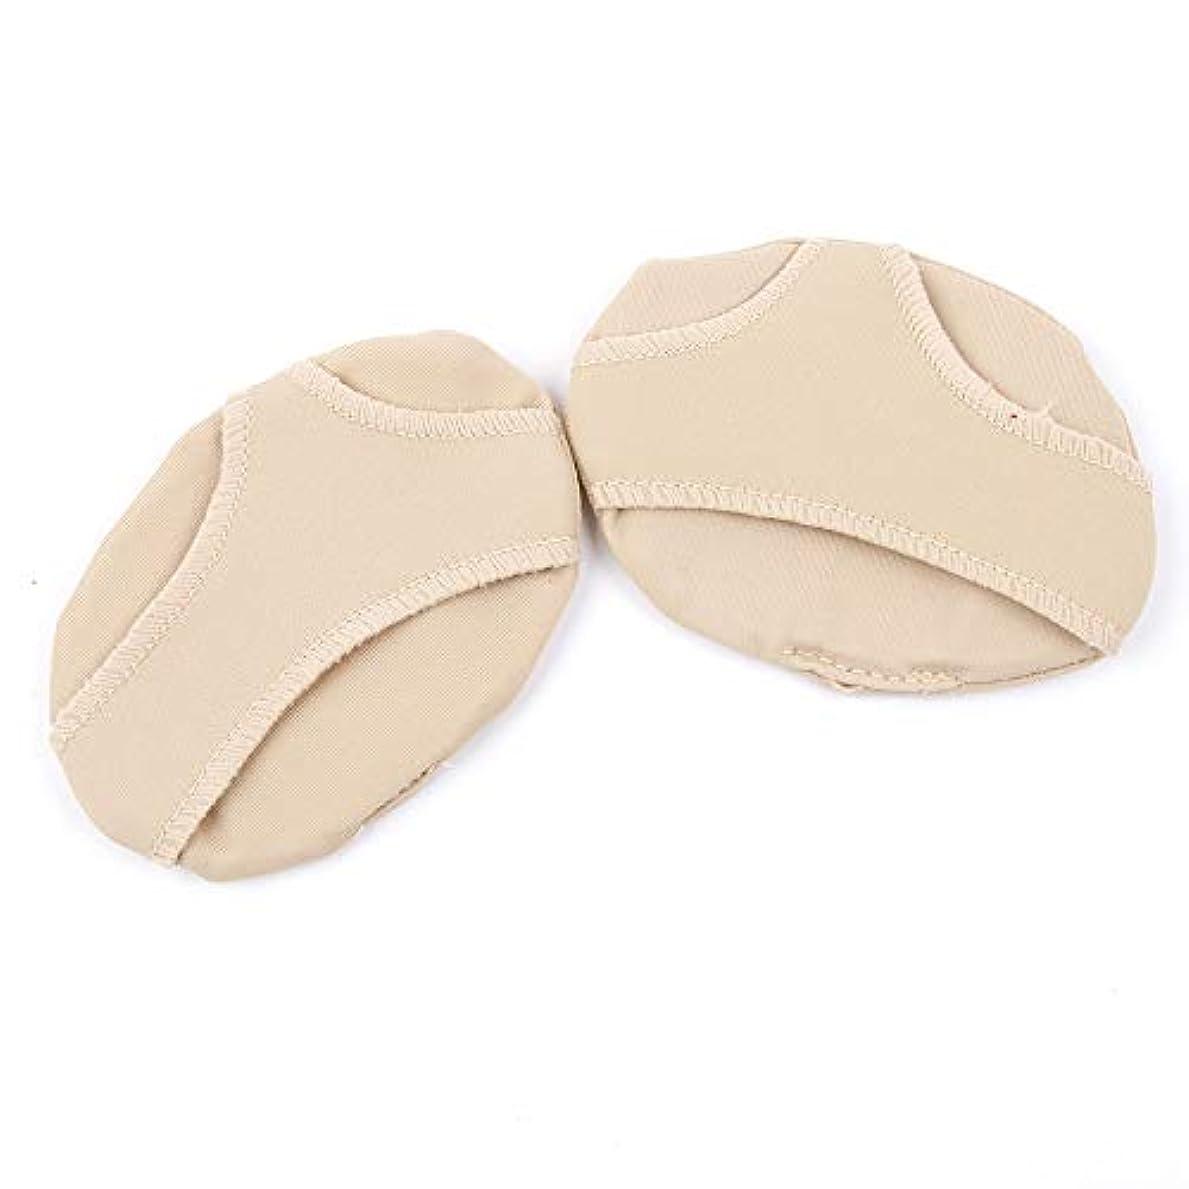 RAYNAG 足裏サポート 前足パッド ふんわりパッド 足裏保護 フットケア 足の疲れ 痛み緩和 滑り止め 柔軟性 健康グッズ Mサイズ 肌色 足底用(4個入り)